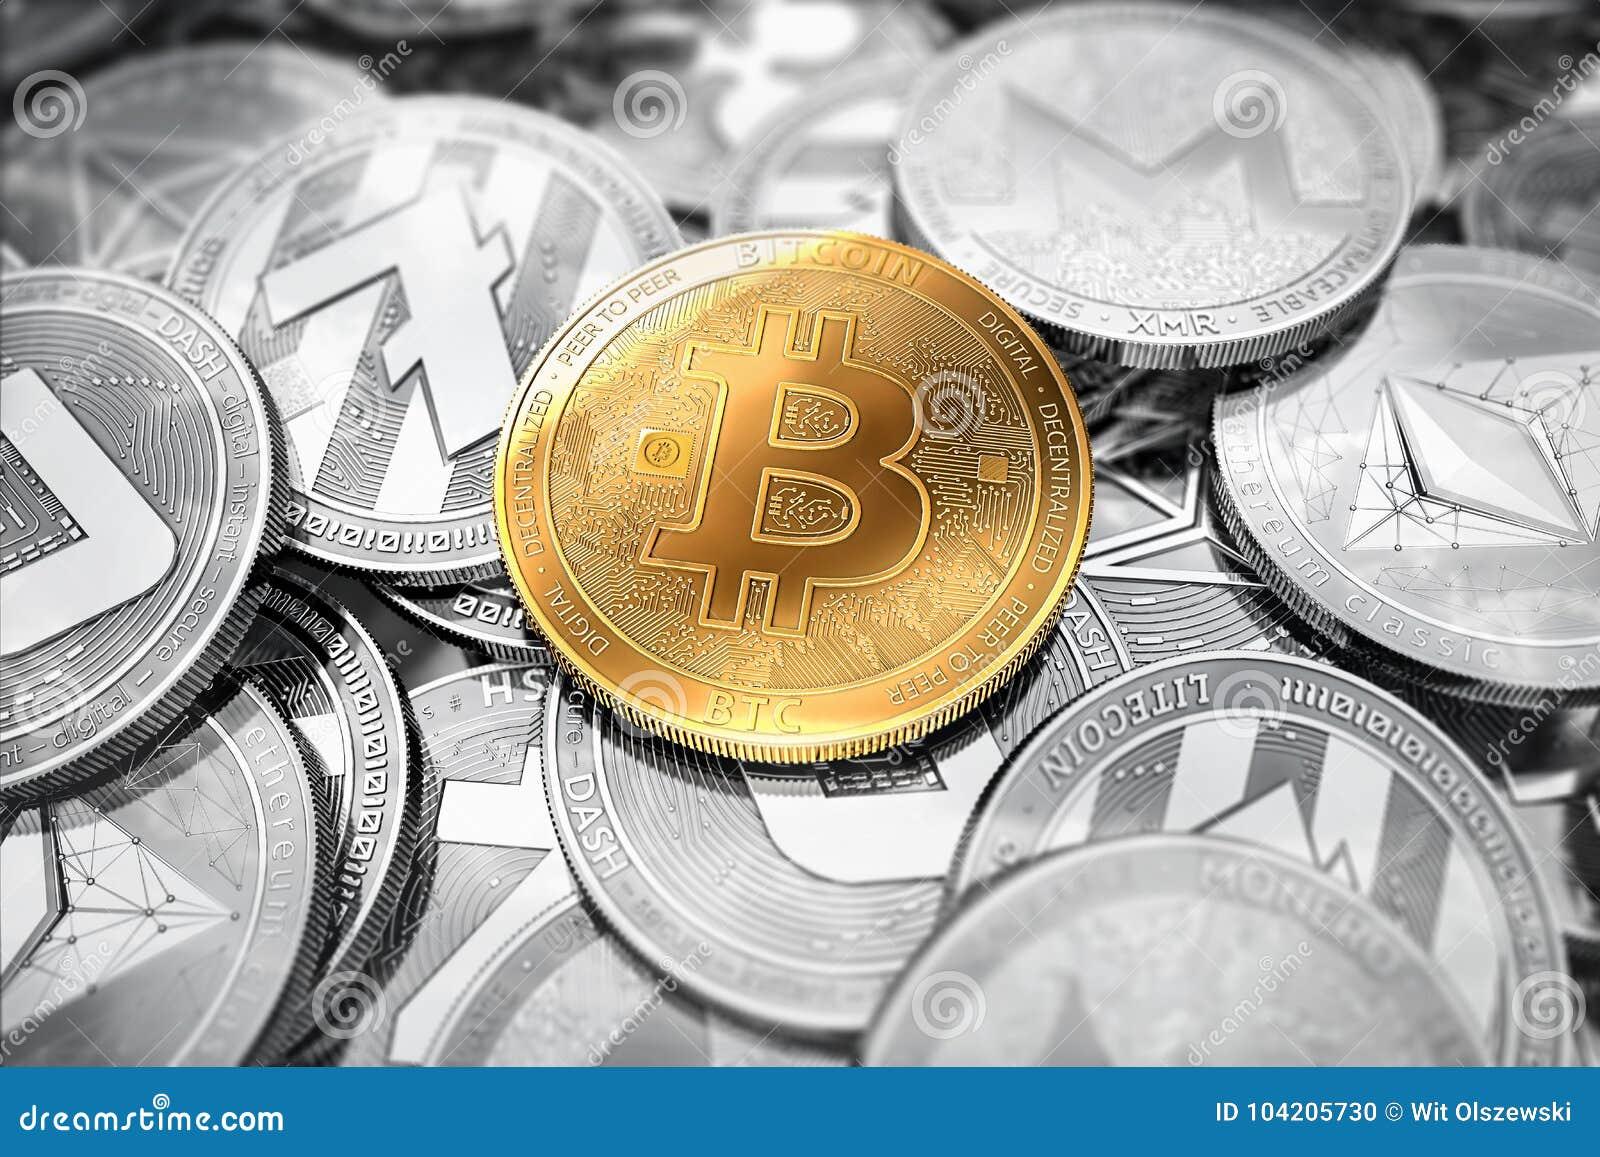 Ogromna sterta cryptocurrencies z złotym bitcoin na przodzie jako lider Bitcoin jak najwięcej znacząco cryptocurrency